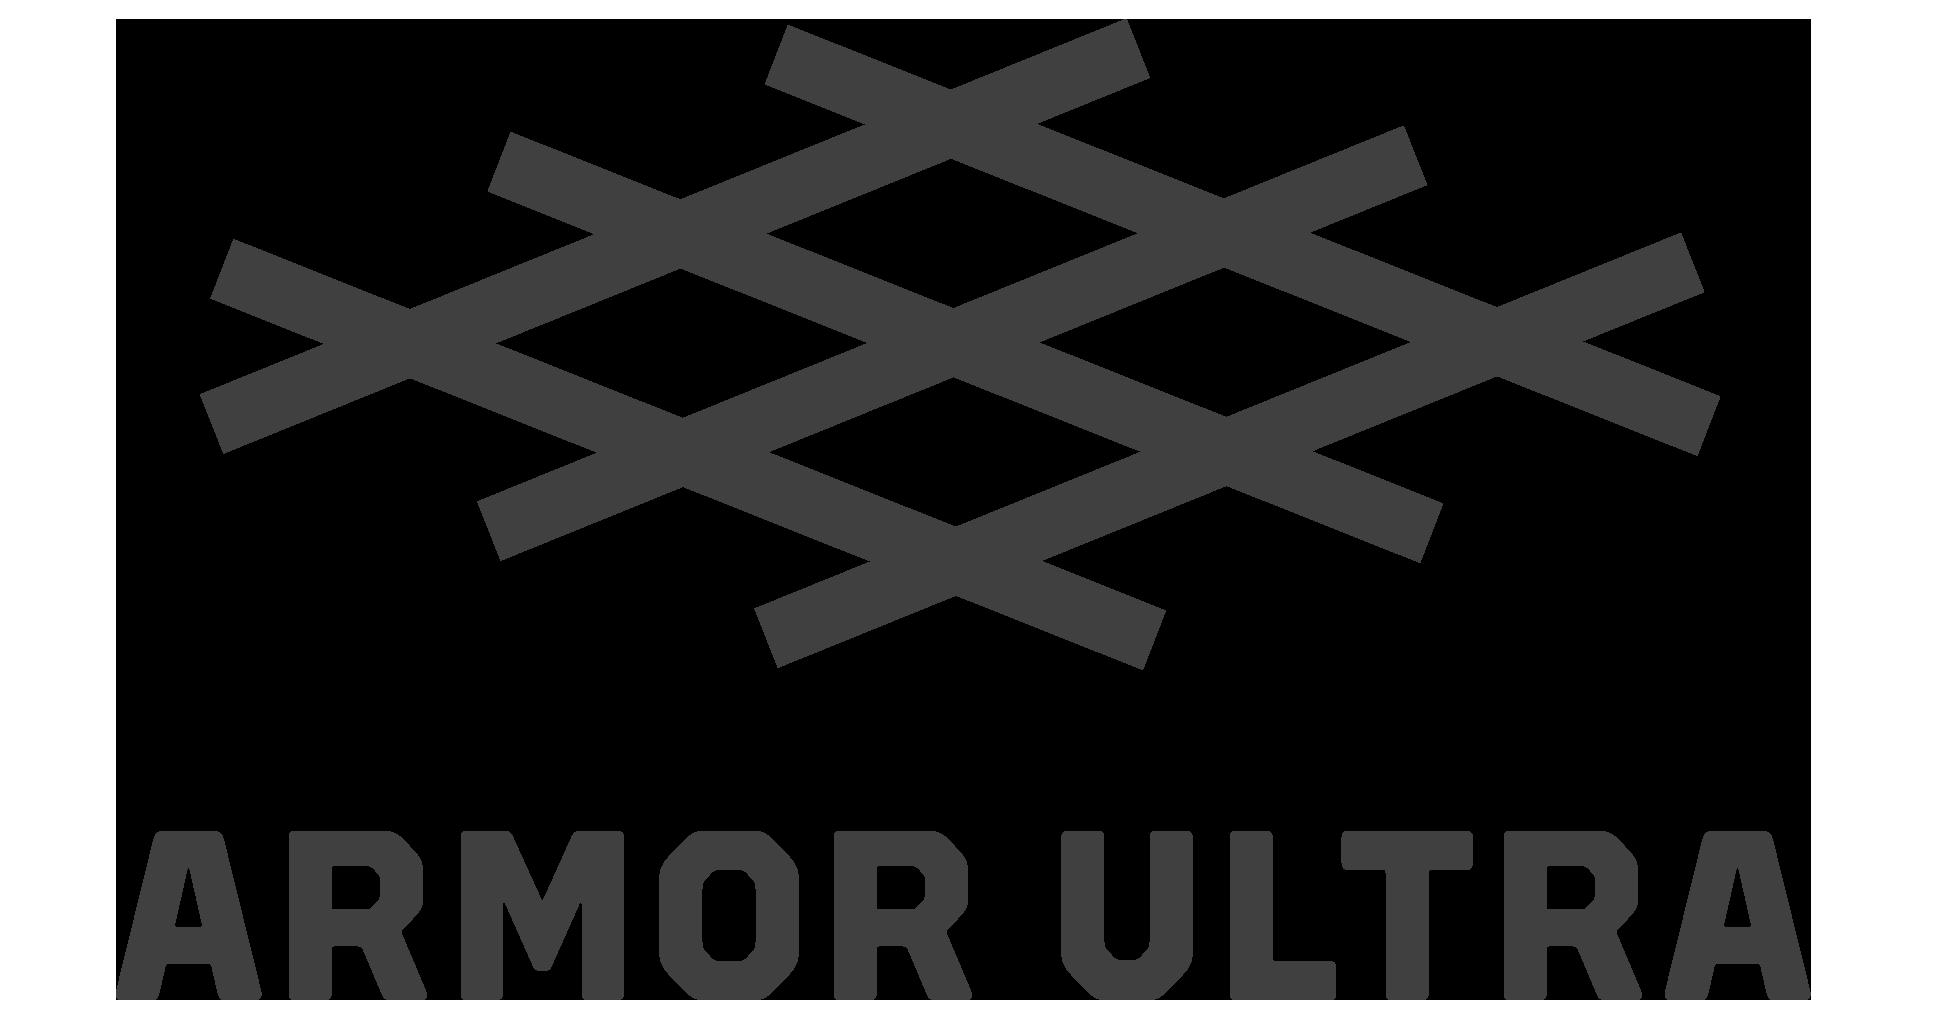 armor_ultra_icon